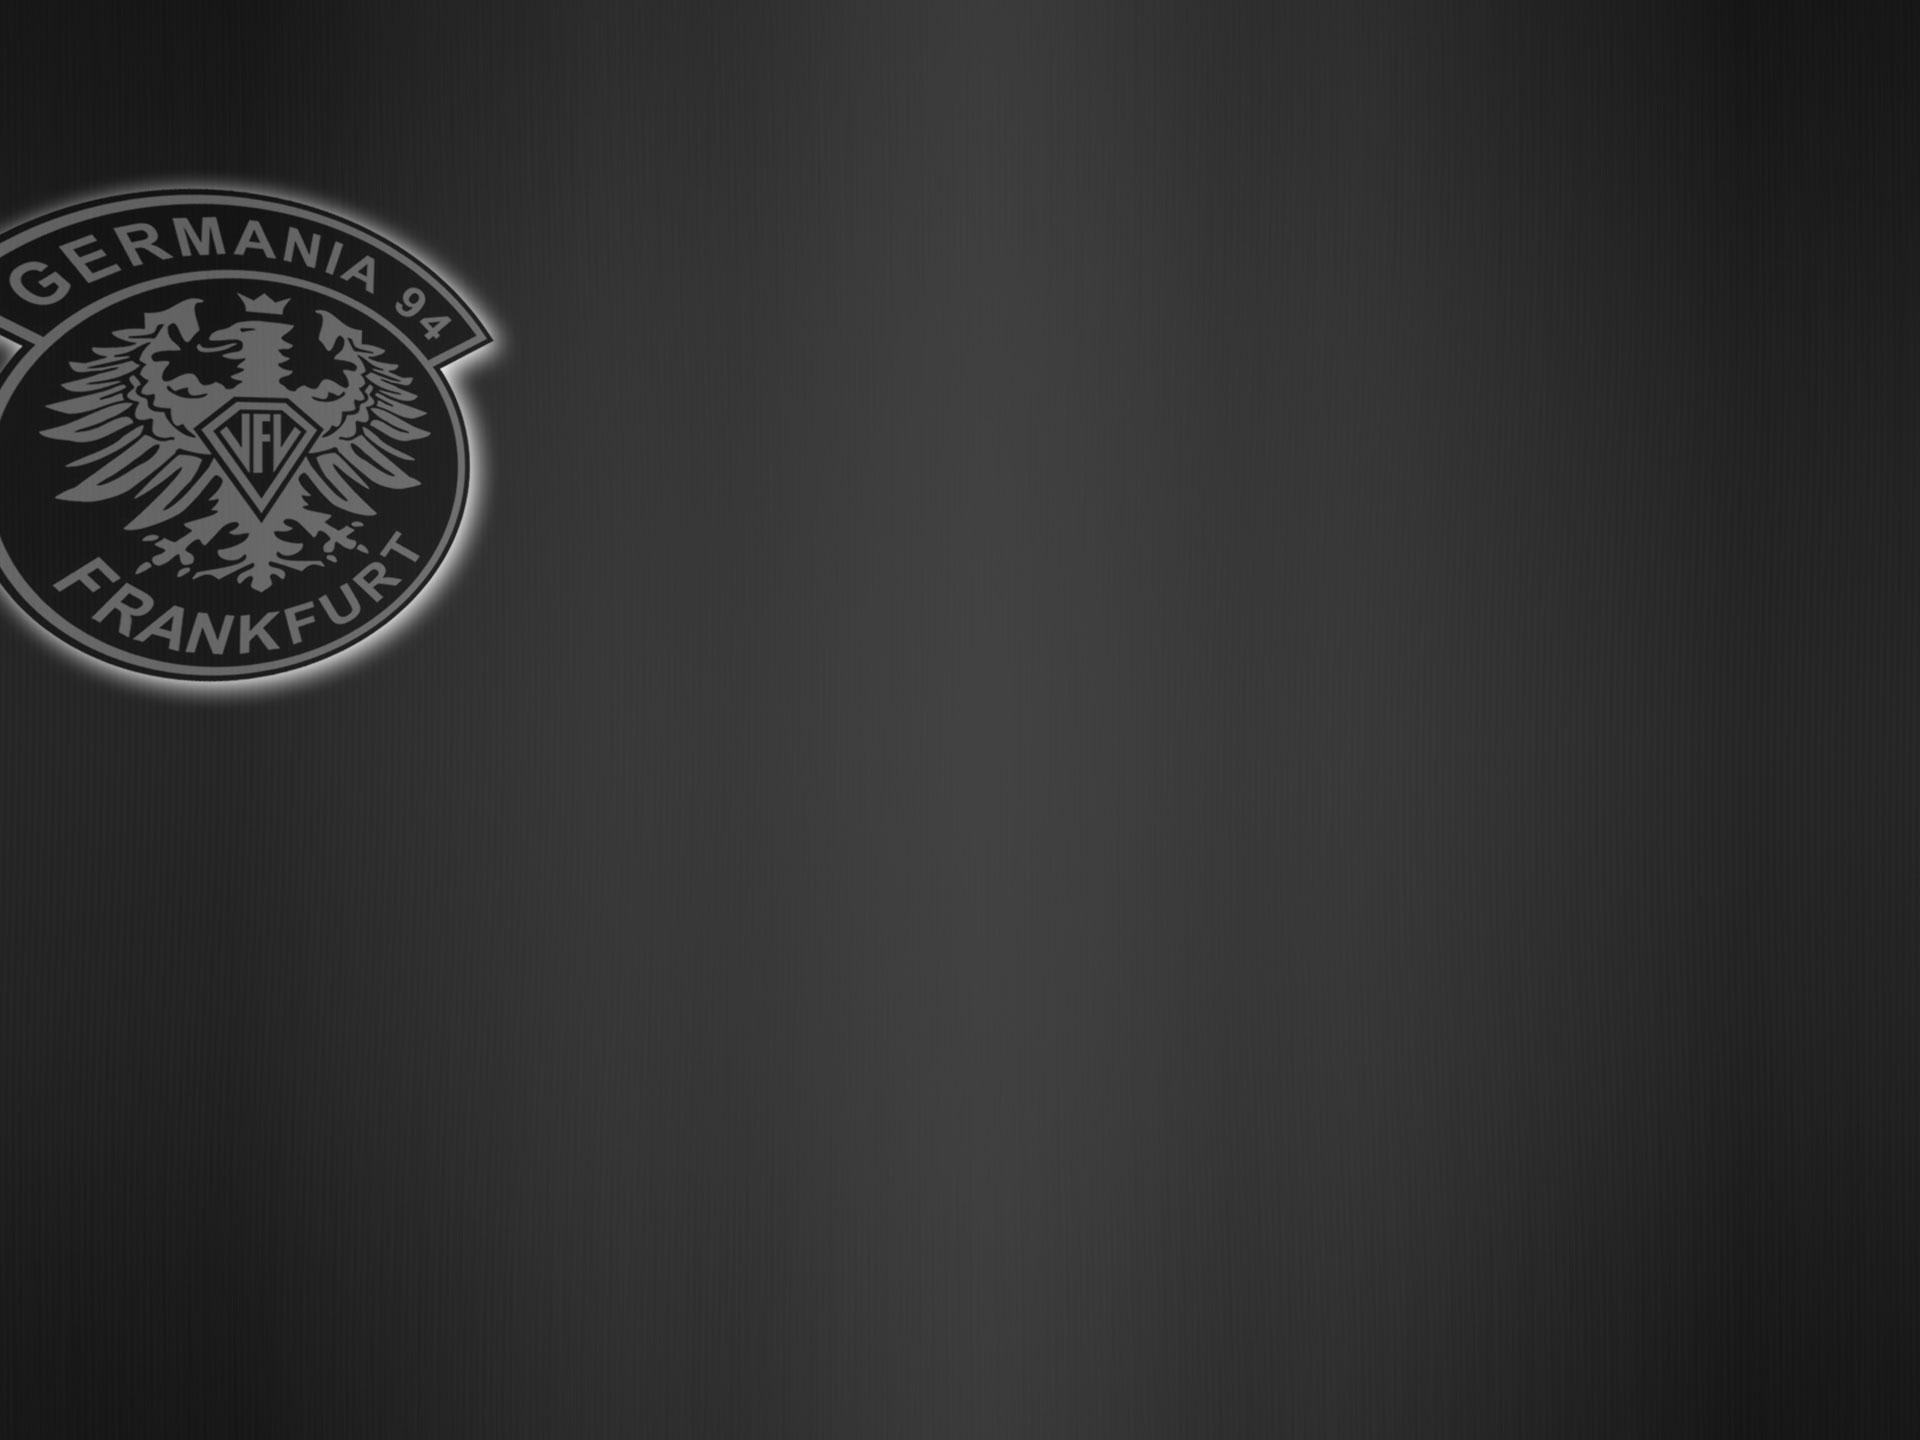 vfl germania hintergrund mit logo silber schwarz